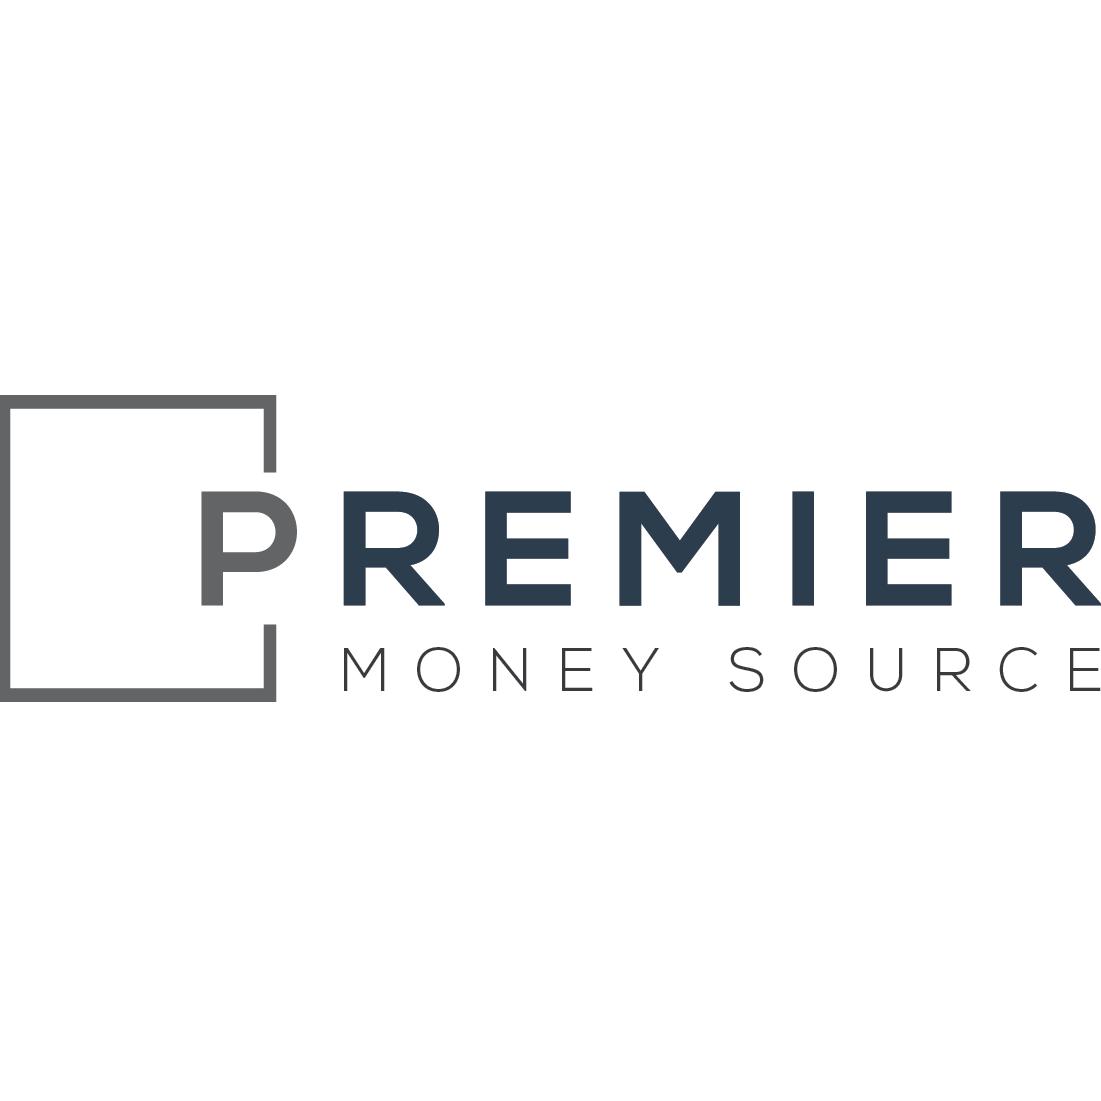 Premier Money Source, Inc